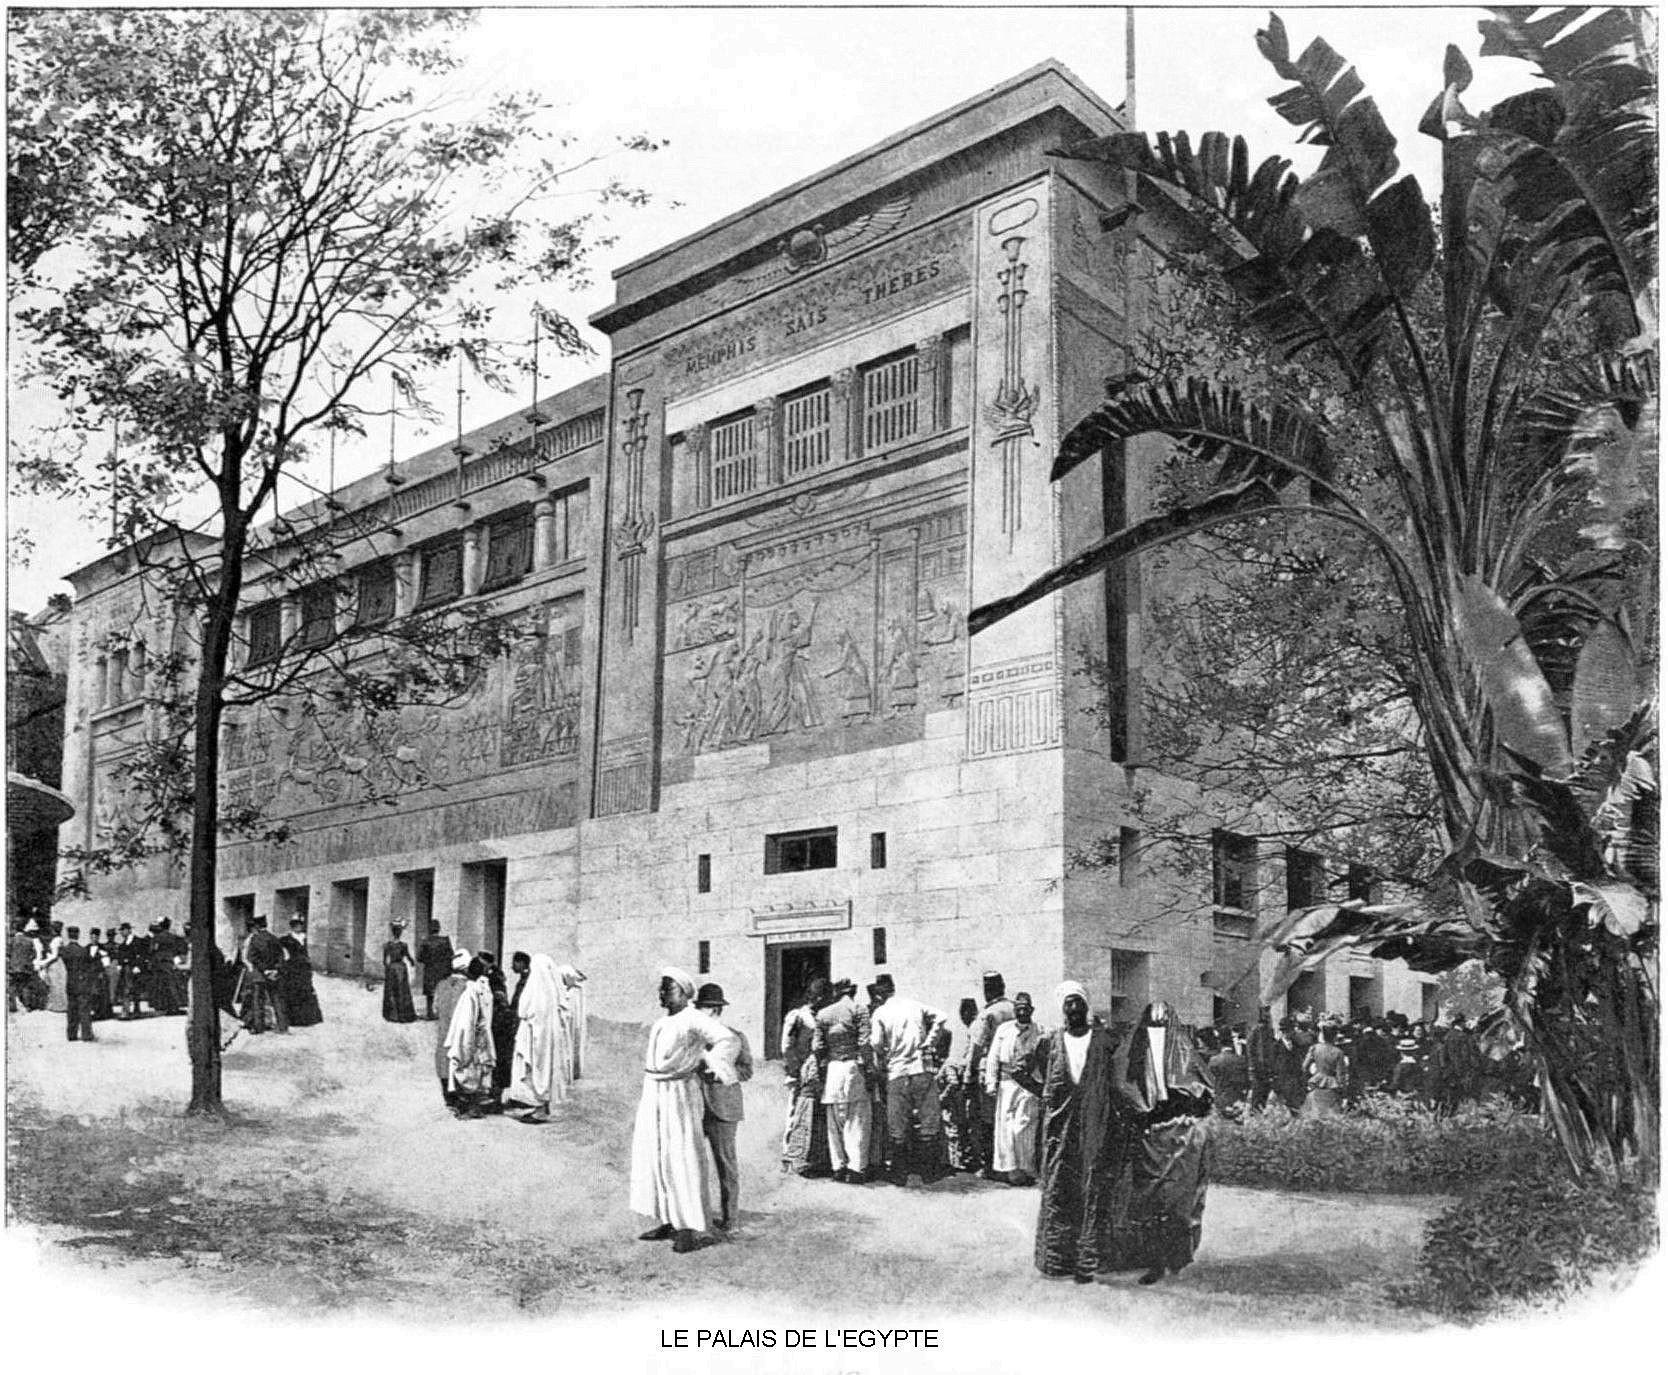 Ressources histoire exposition universelle 1900 le palais de l egypte